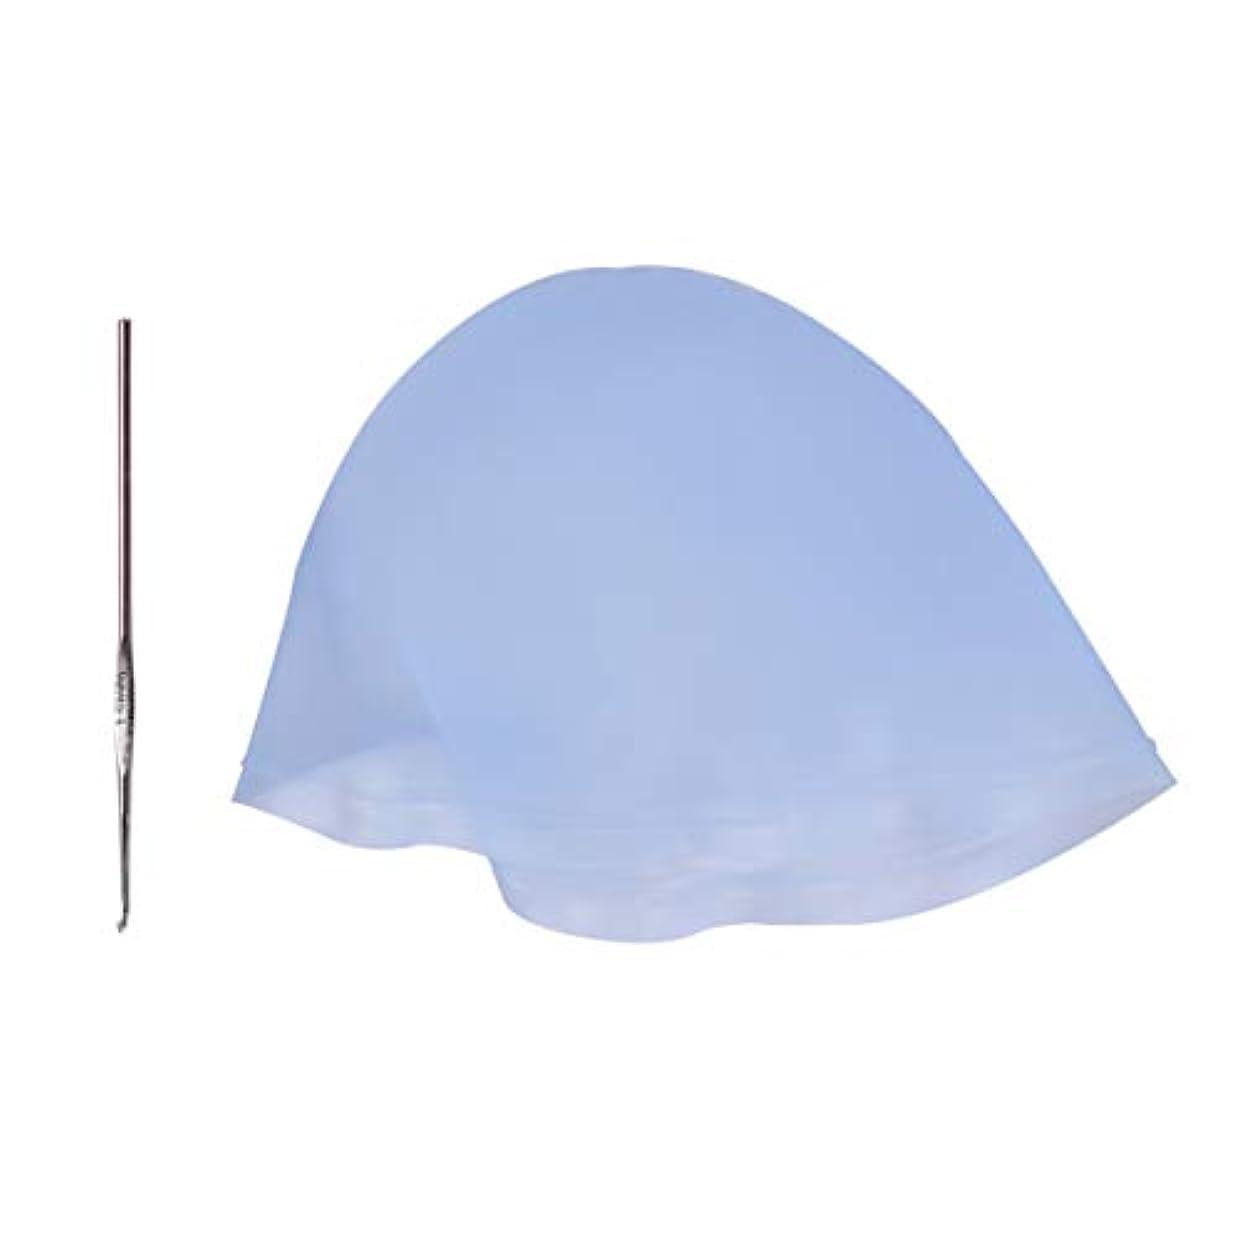 フィッティング無心ベンチャーMinkissy ヘアカラーキャップフック付きシリコーン着色キャップ再利用可能なハイライトキャップ大人女性男性ヘアサロン理髪ツール3セットを染色(スカイブルー)